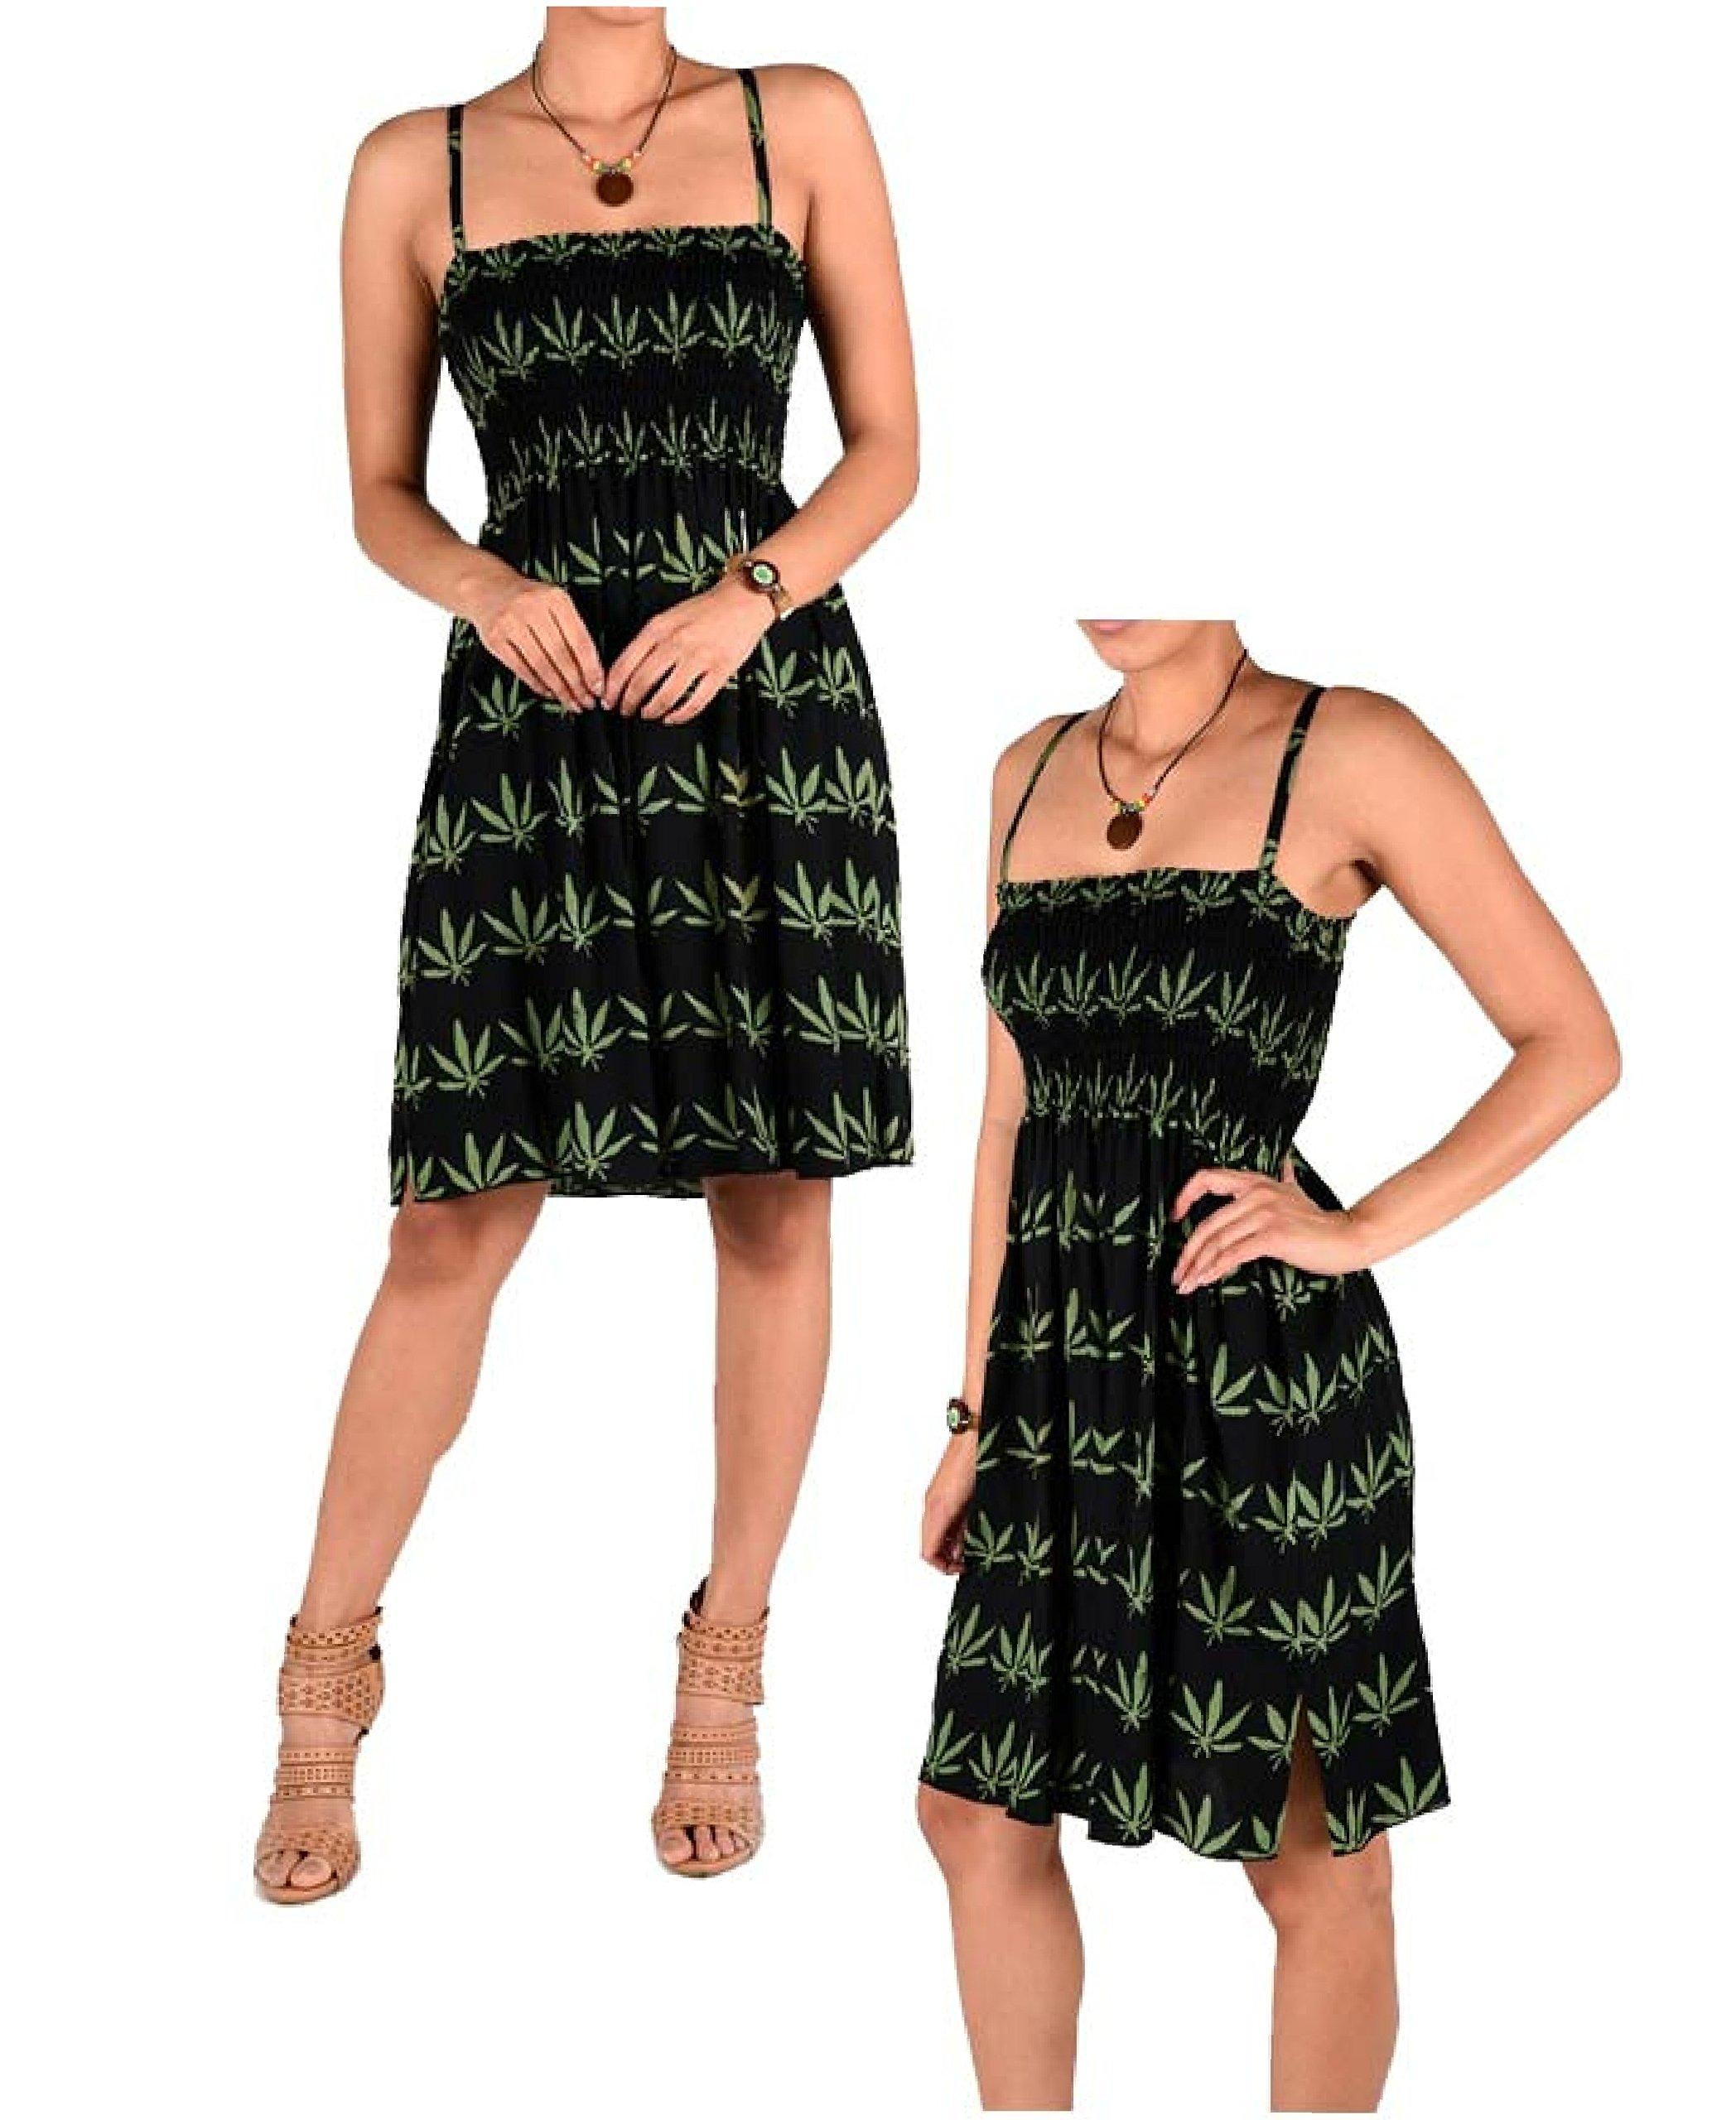 Womens Marijuana Green Leaf Mini Skirt Dress Pot Beach Cannabis Weed Blunt Pleated 1 Dress Size fit Most